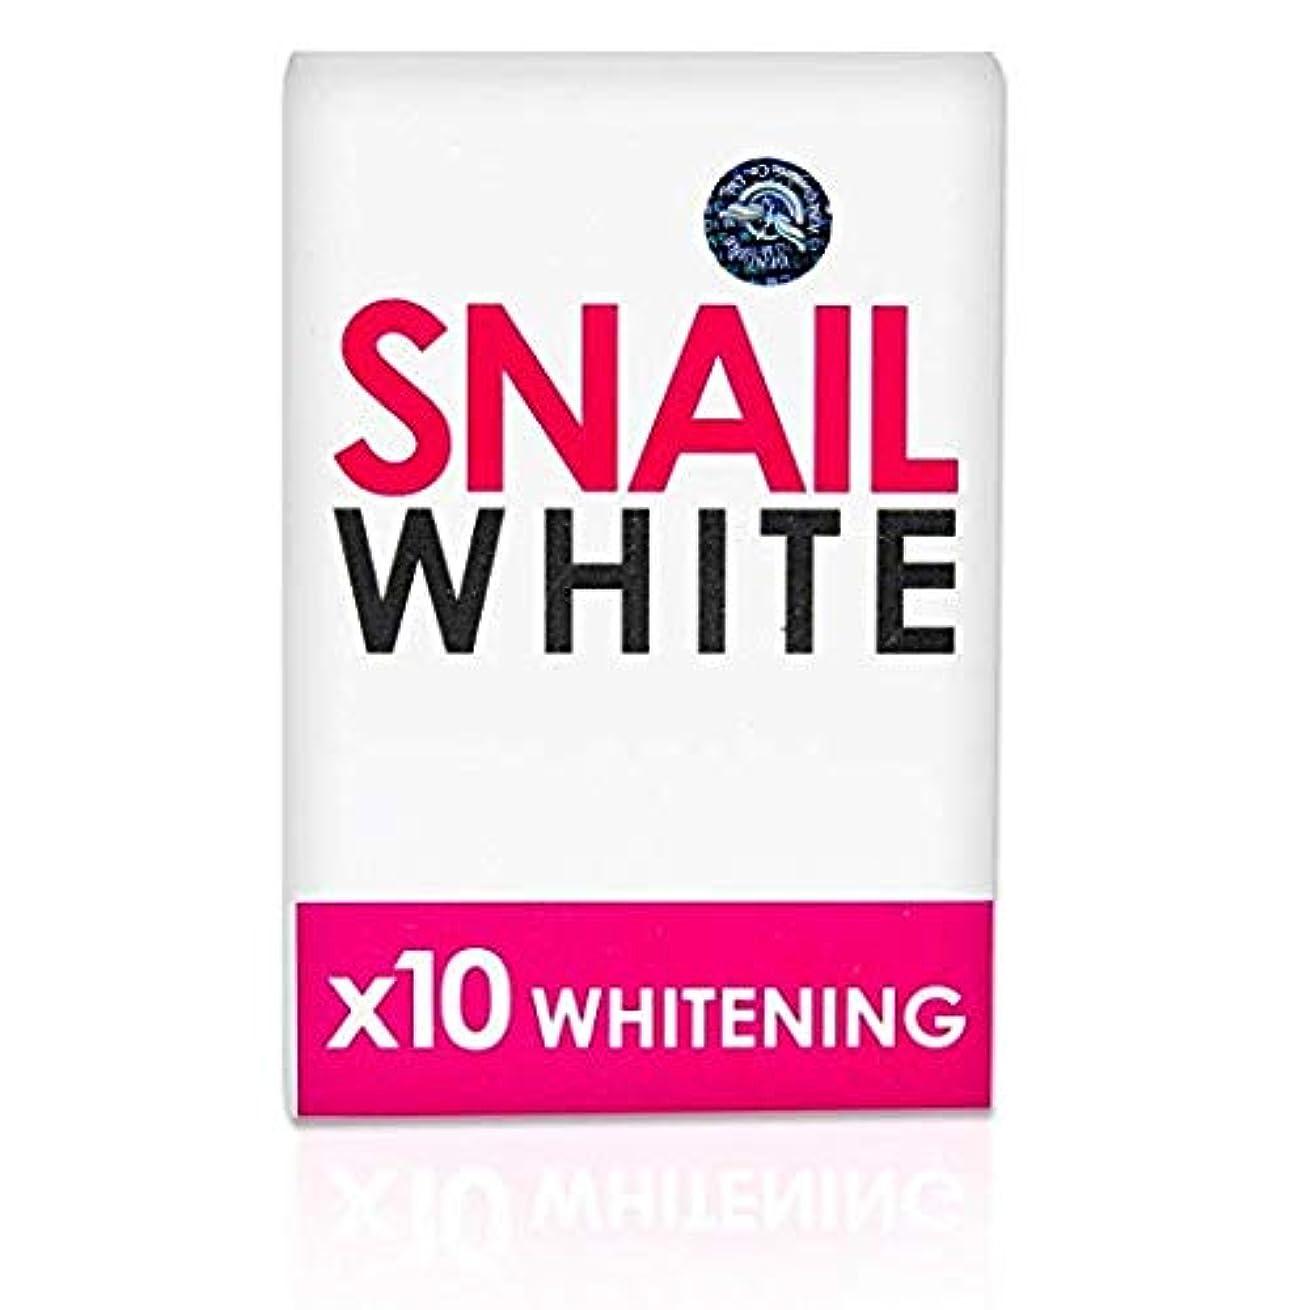 天のアリーナおもしろいスネイルホワイト Gluta Snail White x10 Whitening by Dream ホワイトニング 固形石鹸 2個